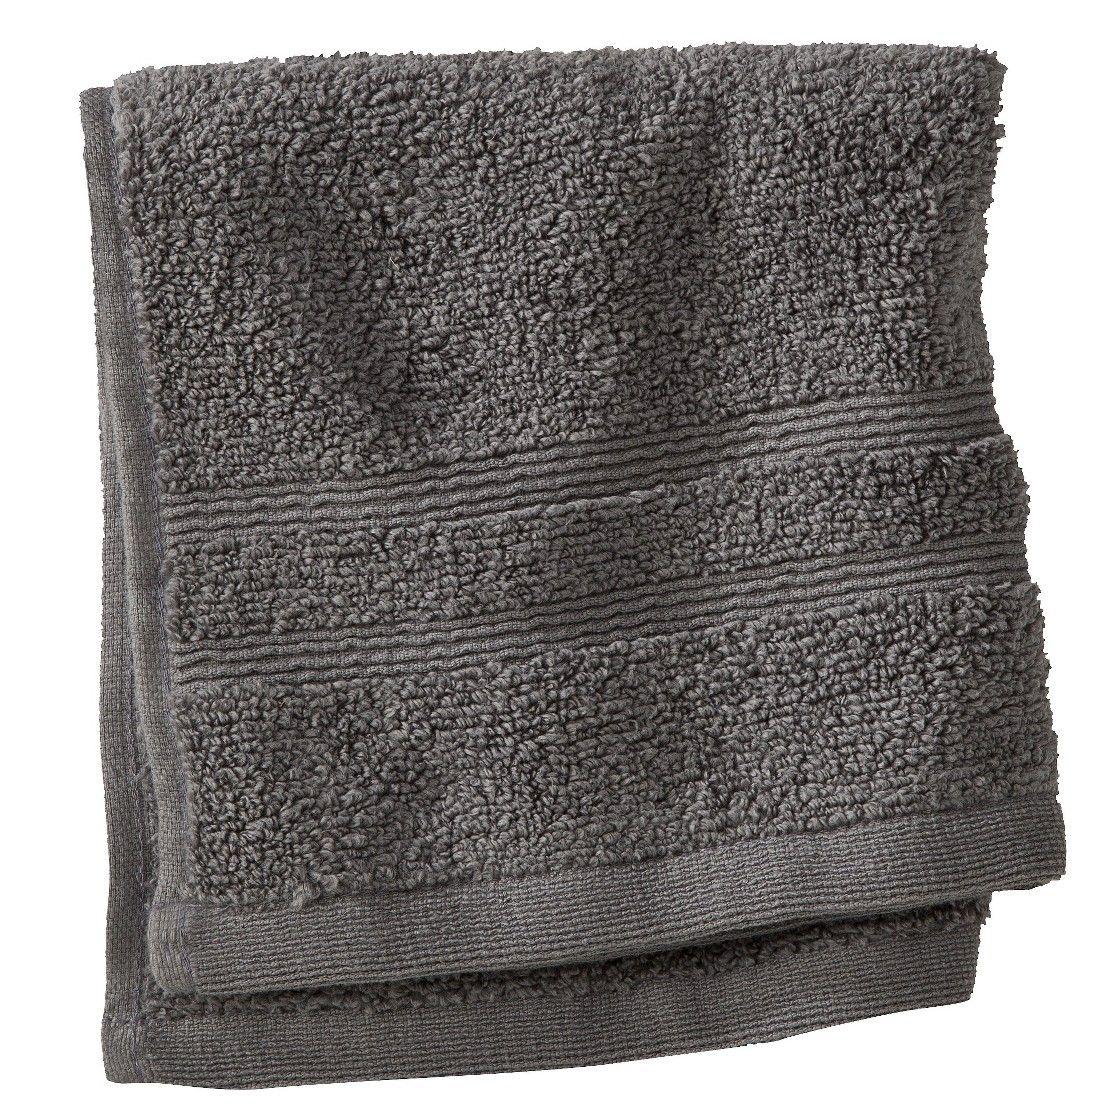 Fieldcrest Luxury Solid Towels Home Pinterest Best Towels - Fieldcrest bath towels for small bathroom ideas